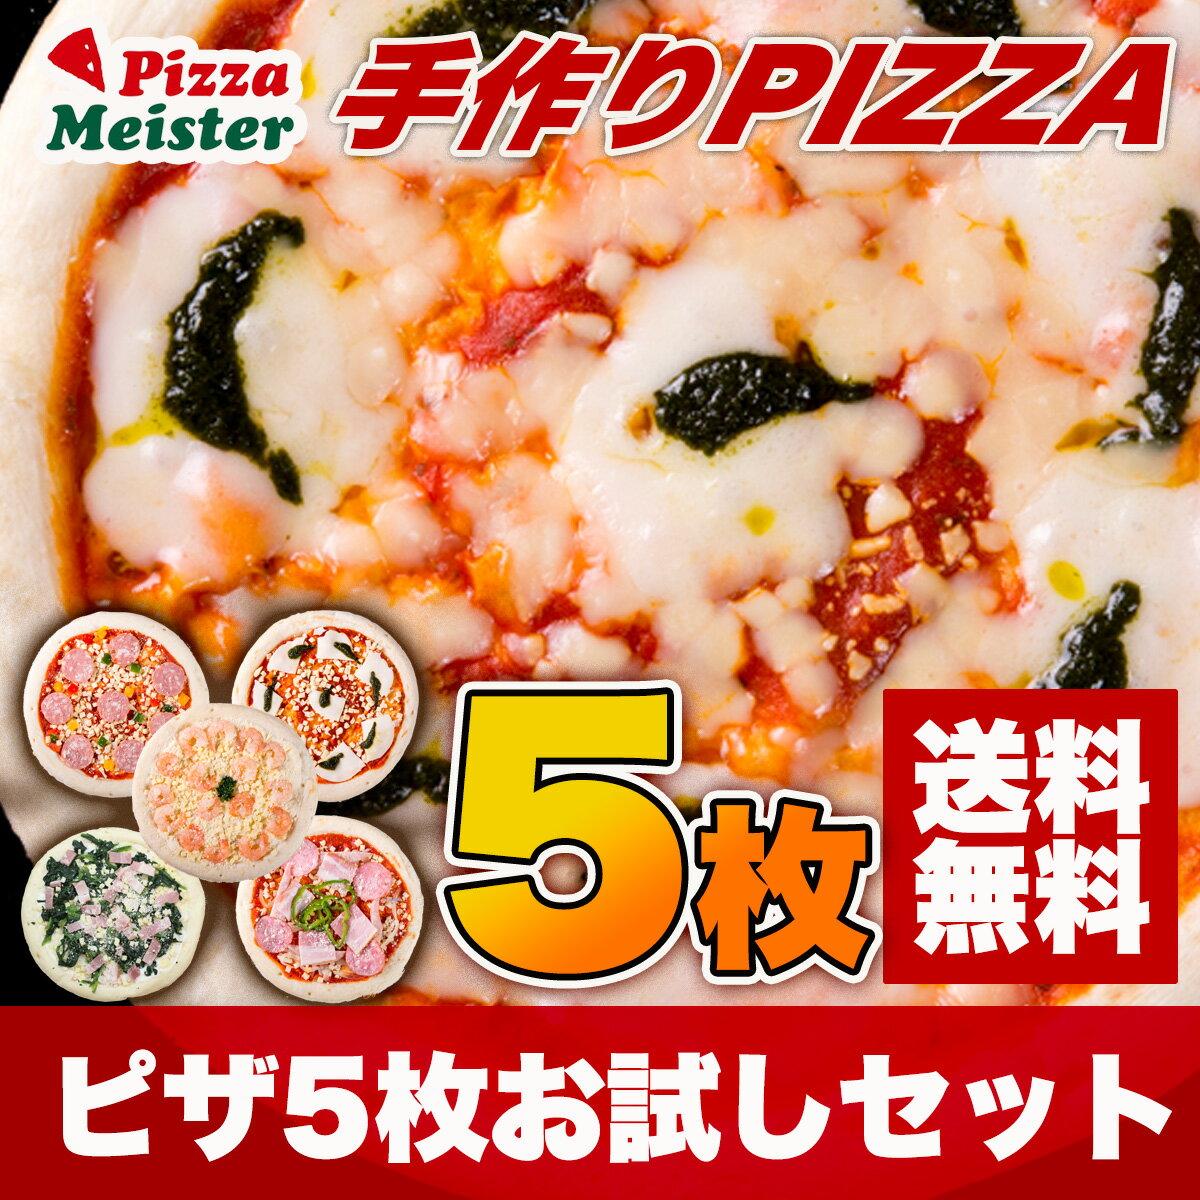 【期間限定50%OFF】ピザ 冷凍 手作りピザ5枚 お試しセット 5枚入り マルゲリータ ベーコンほうれん草ピザ 自家製粗挽きポークビザ ミックスピザ クリーミー海老グラタンピザ 恵那 銀の森手作りピザ 簡単調理で美味しいピザ